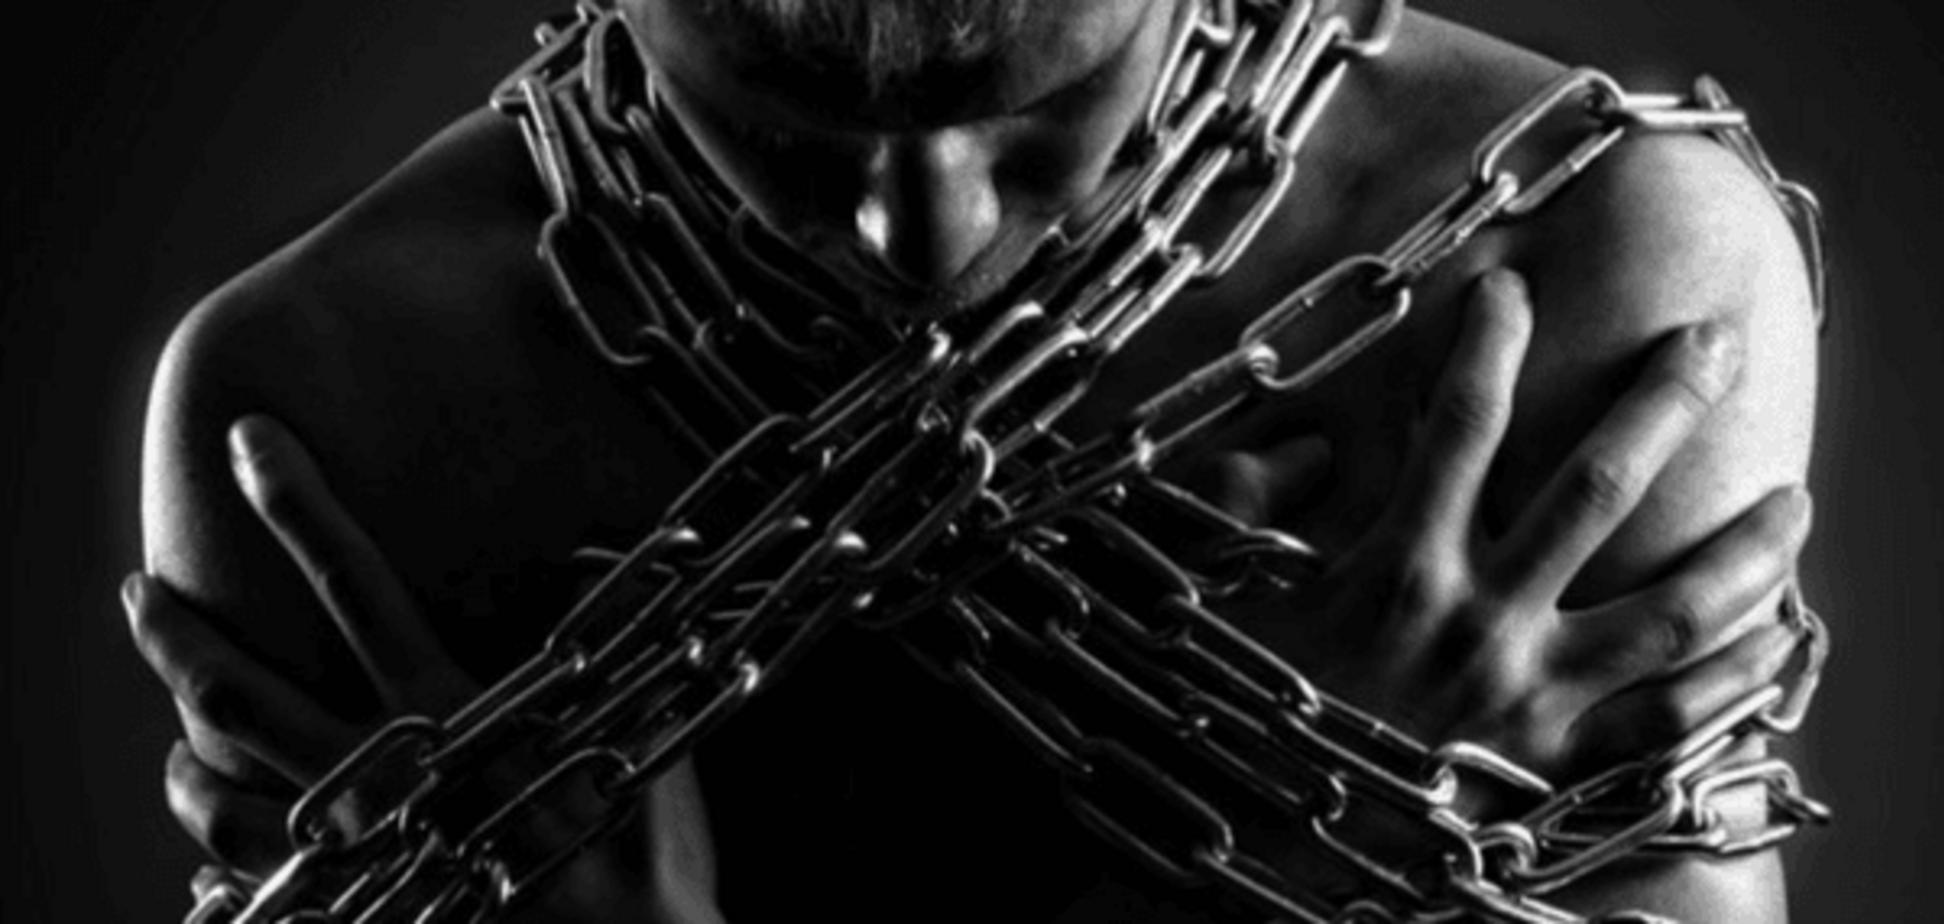 Удивительный парадокс: рабы решают судьбу общества